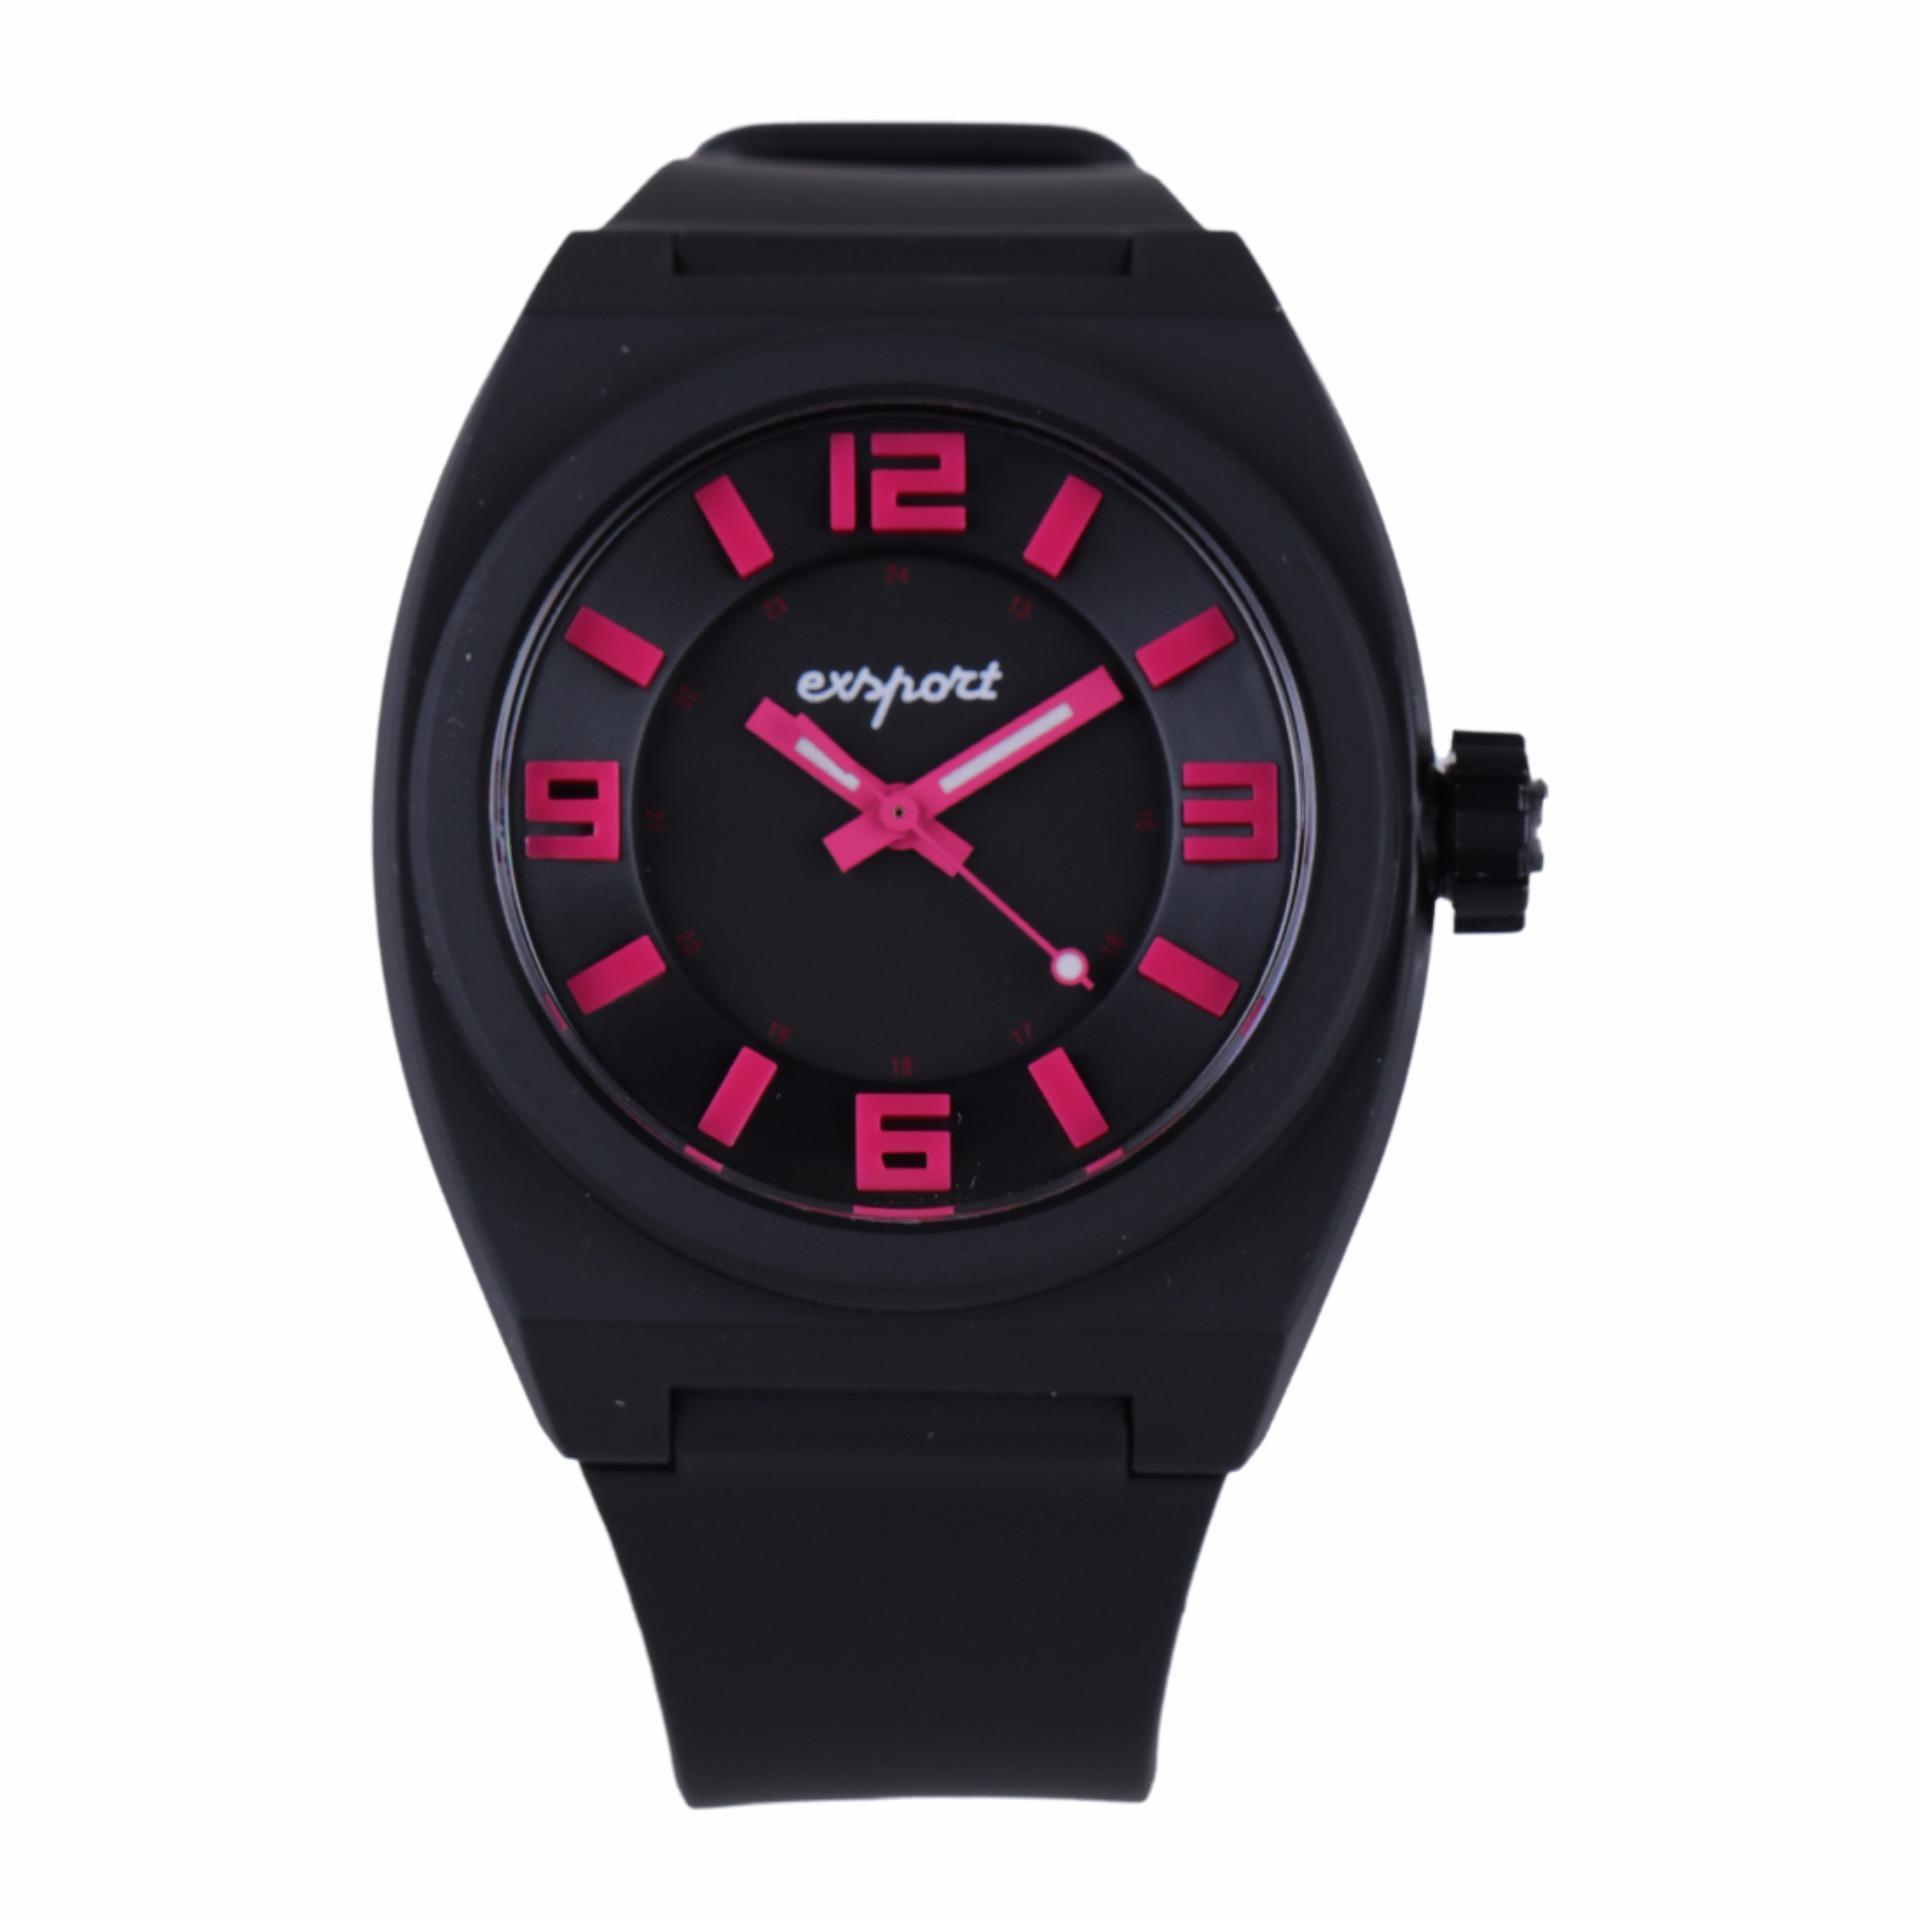 Toko Exsport Watch 4 Yp11569 Black Terlengkap Jawa Barat